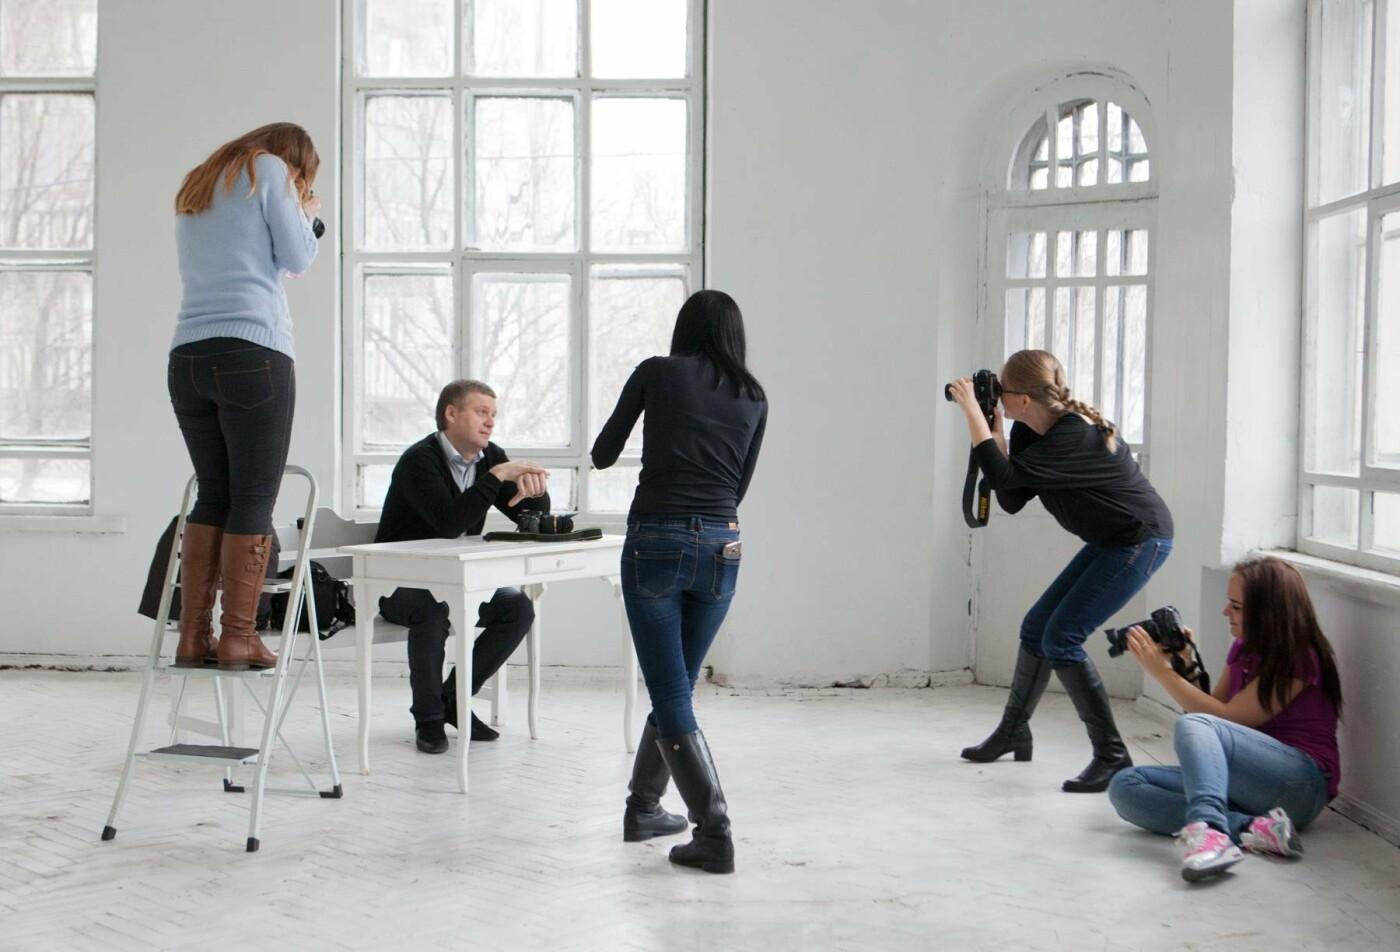 Курсы фотографа с нуля: где в Киеве учат искусству фотографии, Фото: Зеленый Квадрат